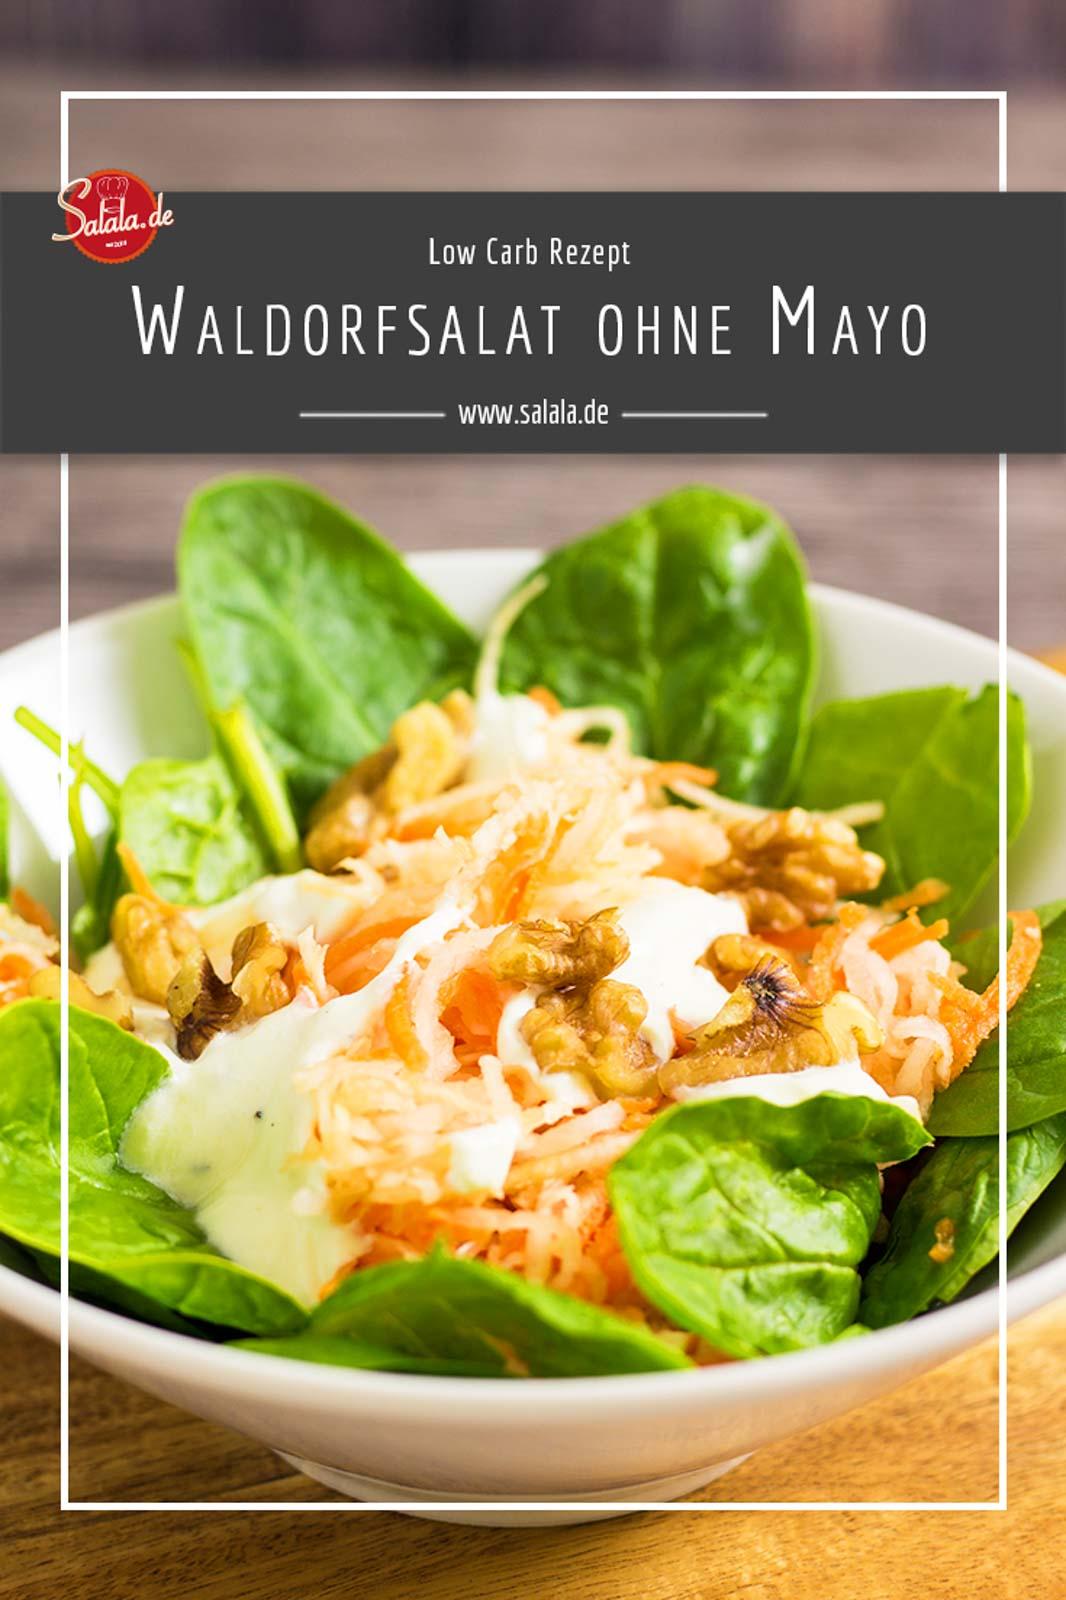 Waldorfsalat Rezept - by salala.de - Low Carb selber machen mit Joghurt #lowcarb #lowcarbsalat #lowcarbrezepte #salat #waldorfsalat